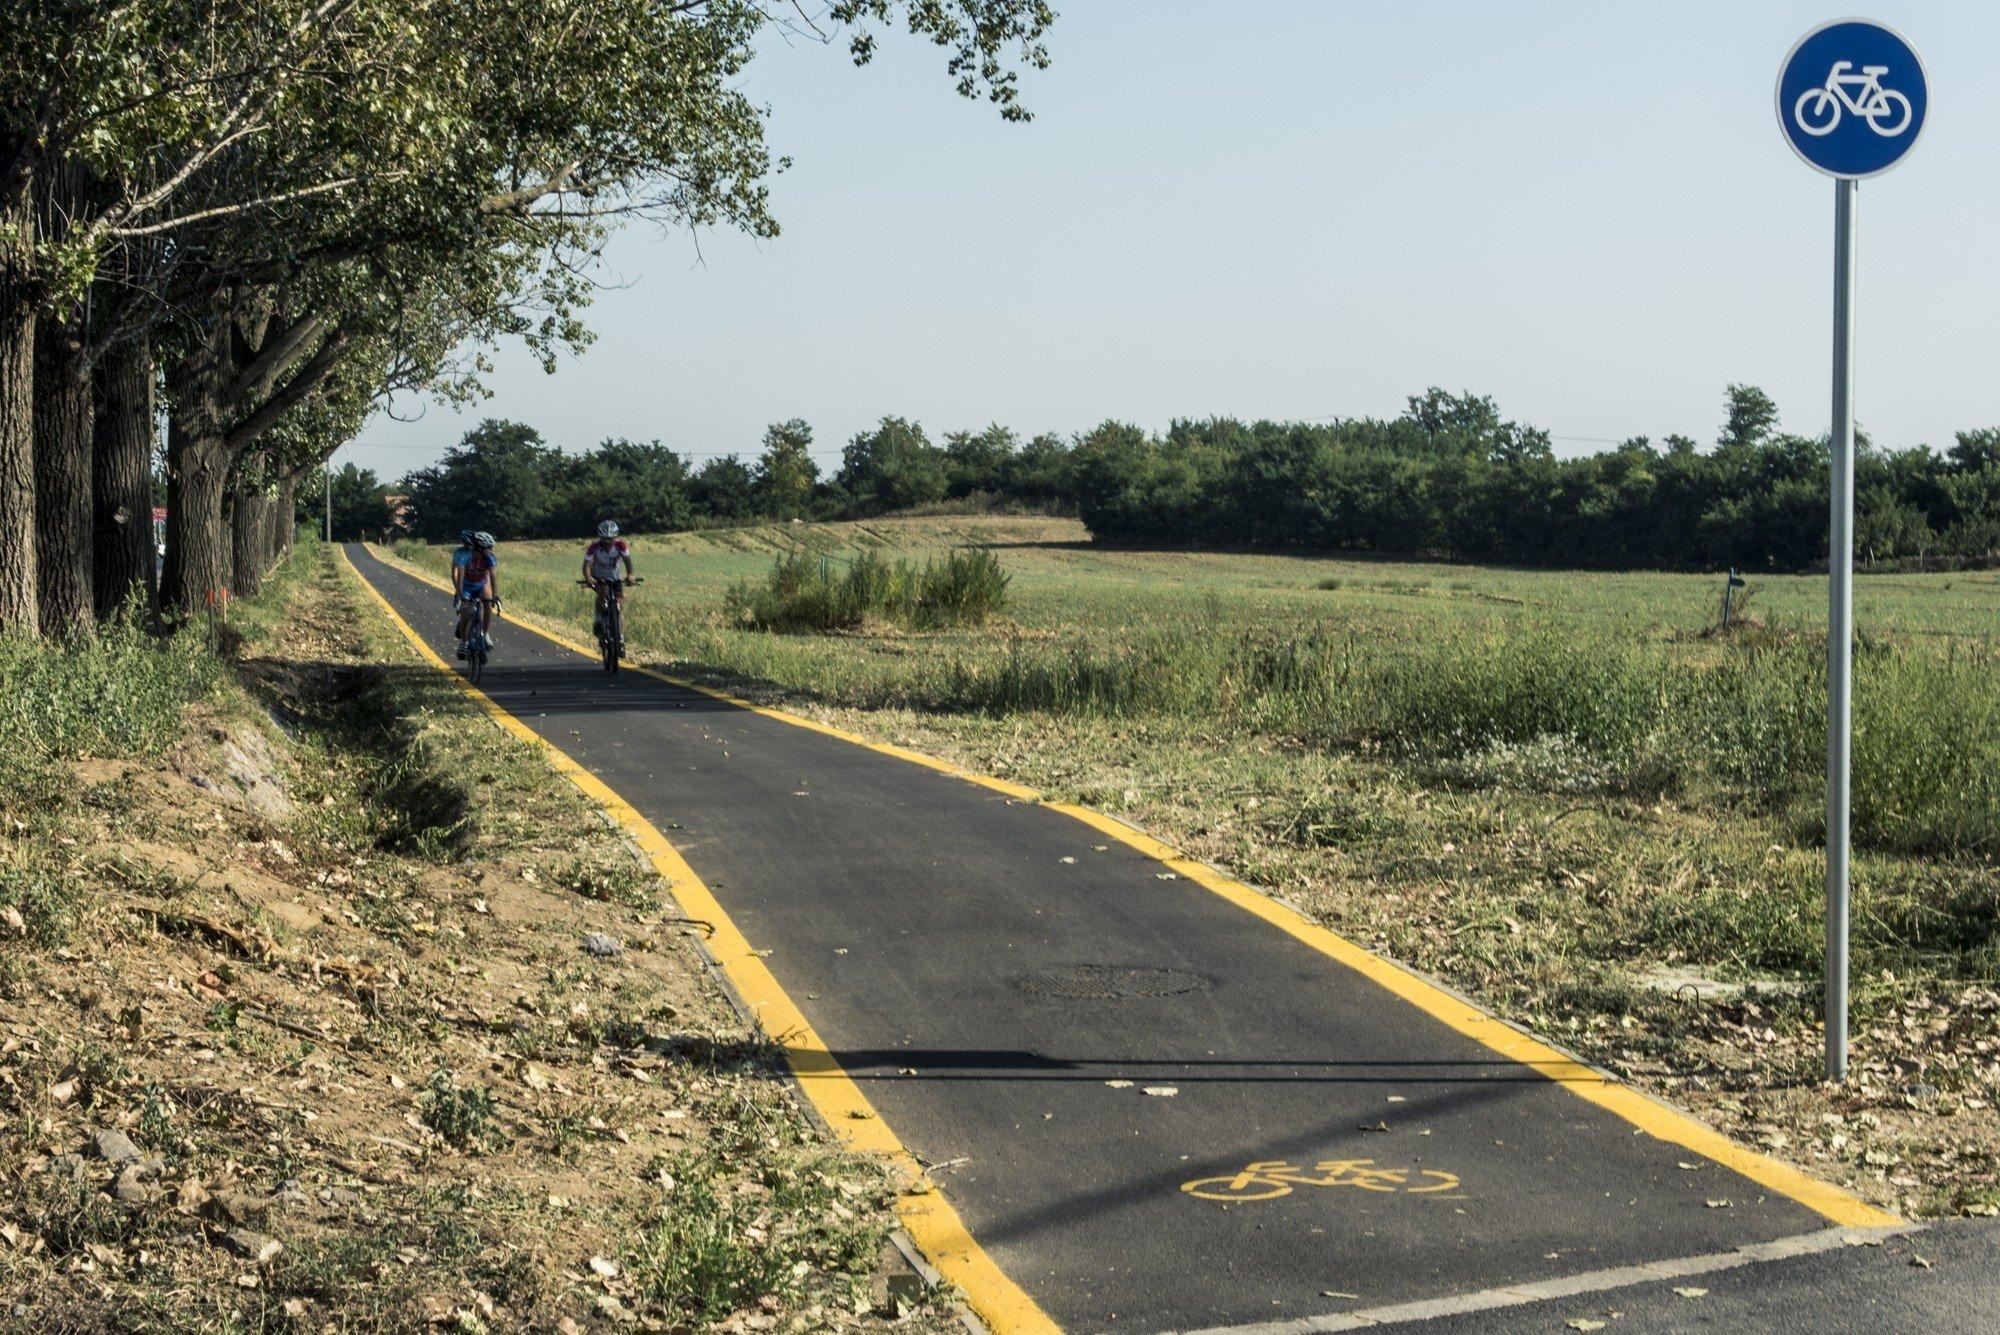 Új kerékpárút köti majd össze Bácsbokod és Bácsborsód településeket